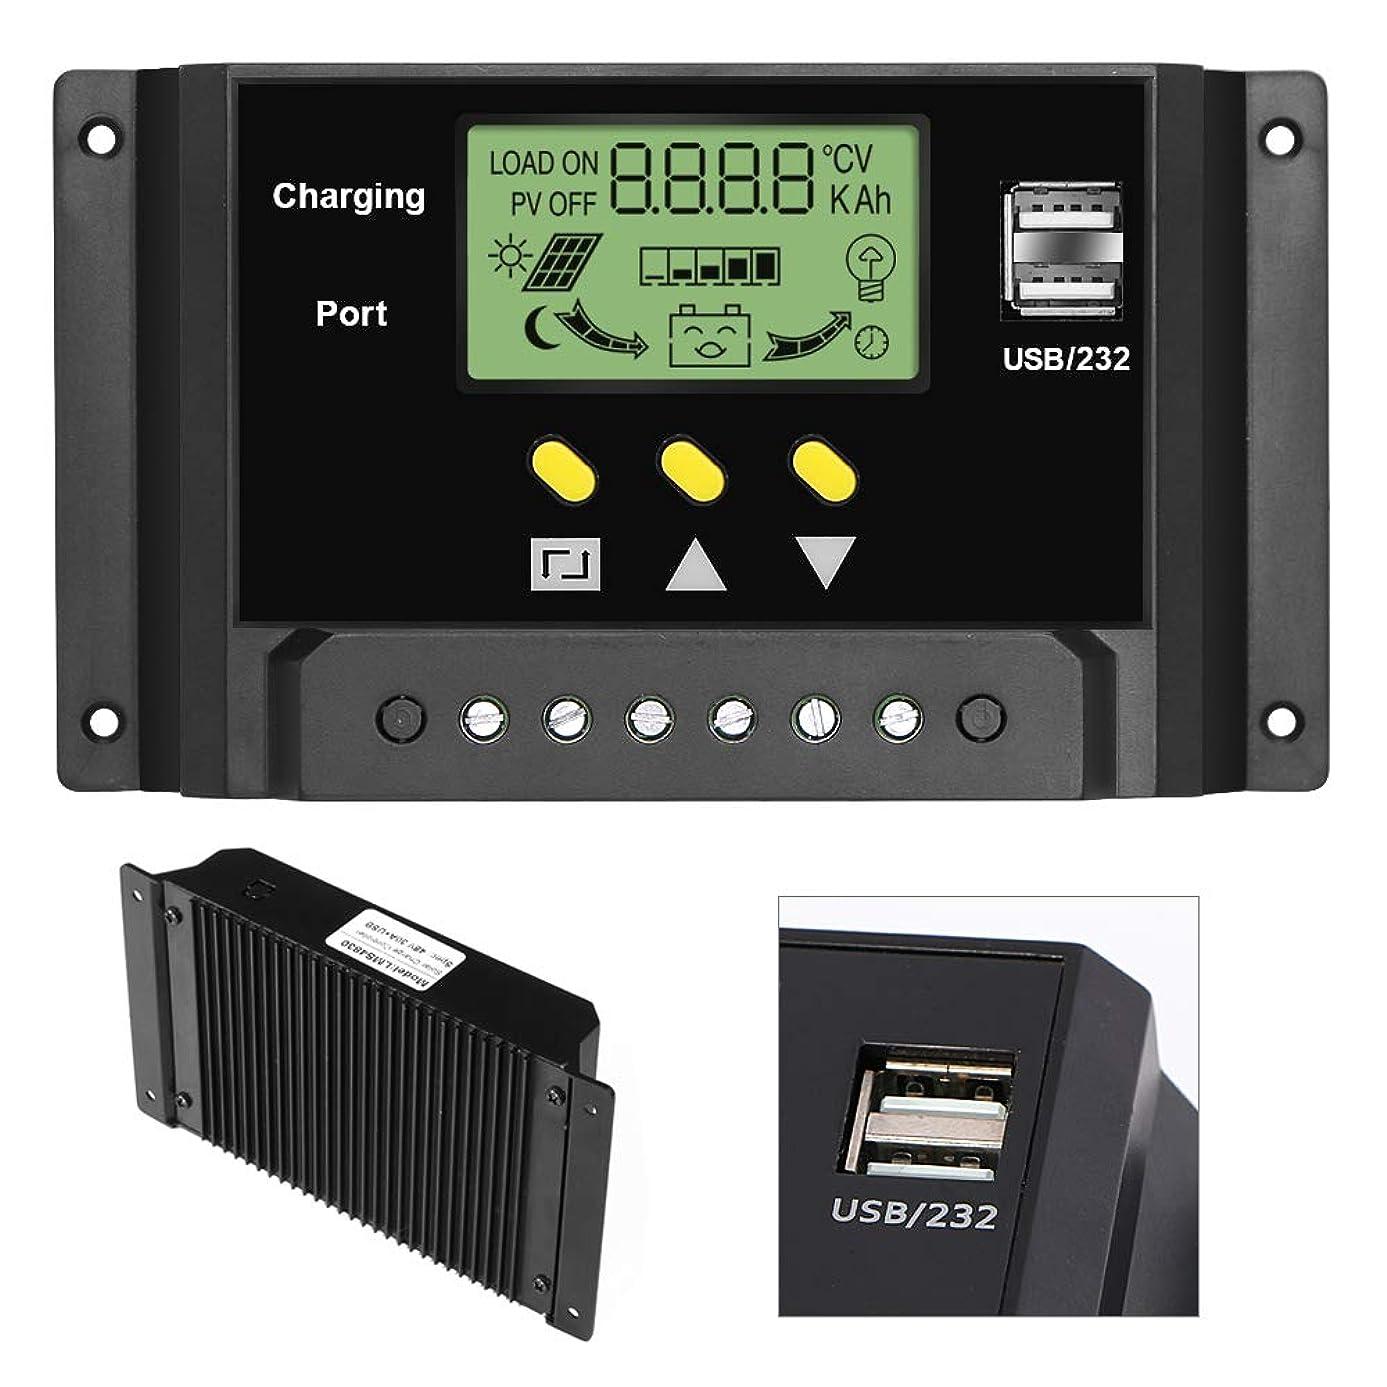 チームミニ目的ALLPOWERS 30A ソーラーチャージャーコントローラー 12V / 24V バッテリー ソーラー充電器コントローラ インテリジェントレギュレータ デュアルUSBポート LCDディスプレイ